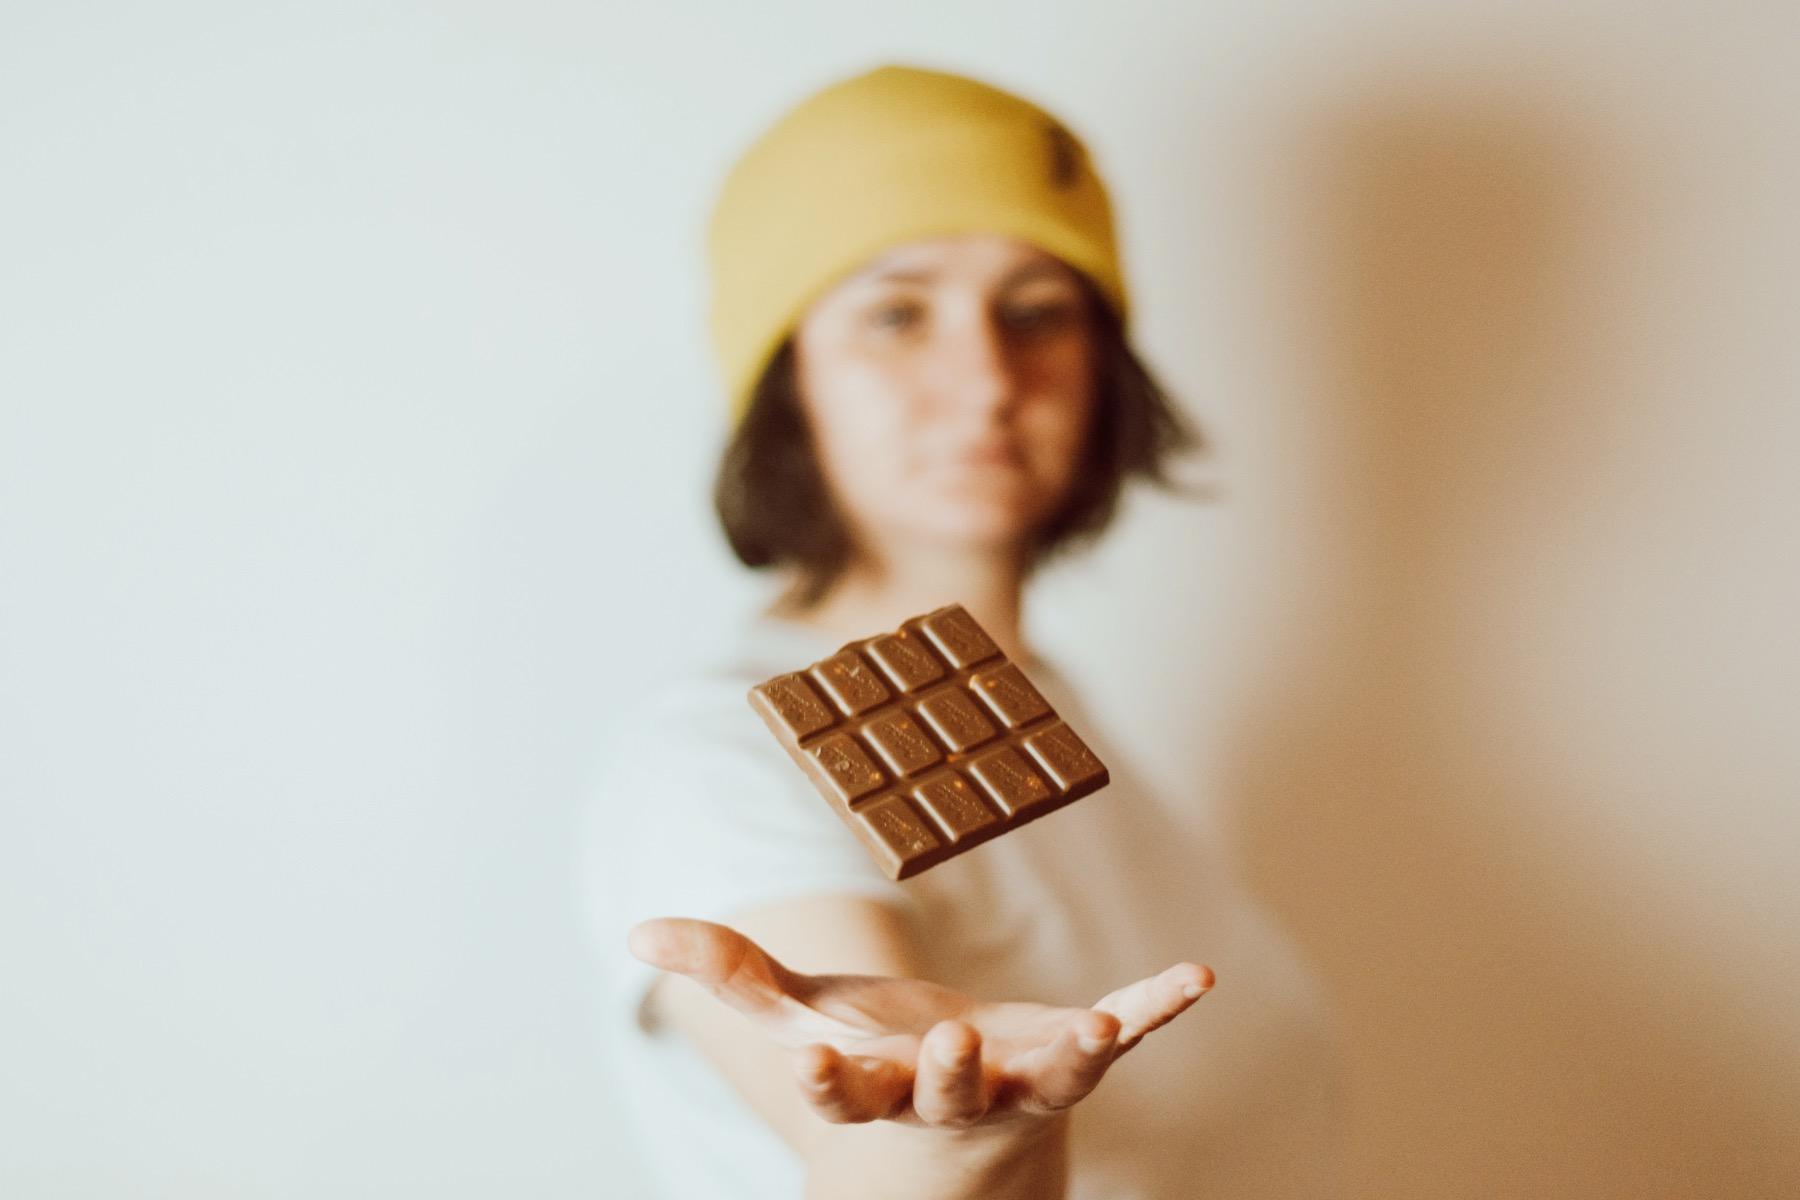 geheimtipp Augsburg Mädchen mit Schokoladentafel – ©Unsplash